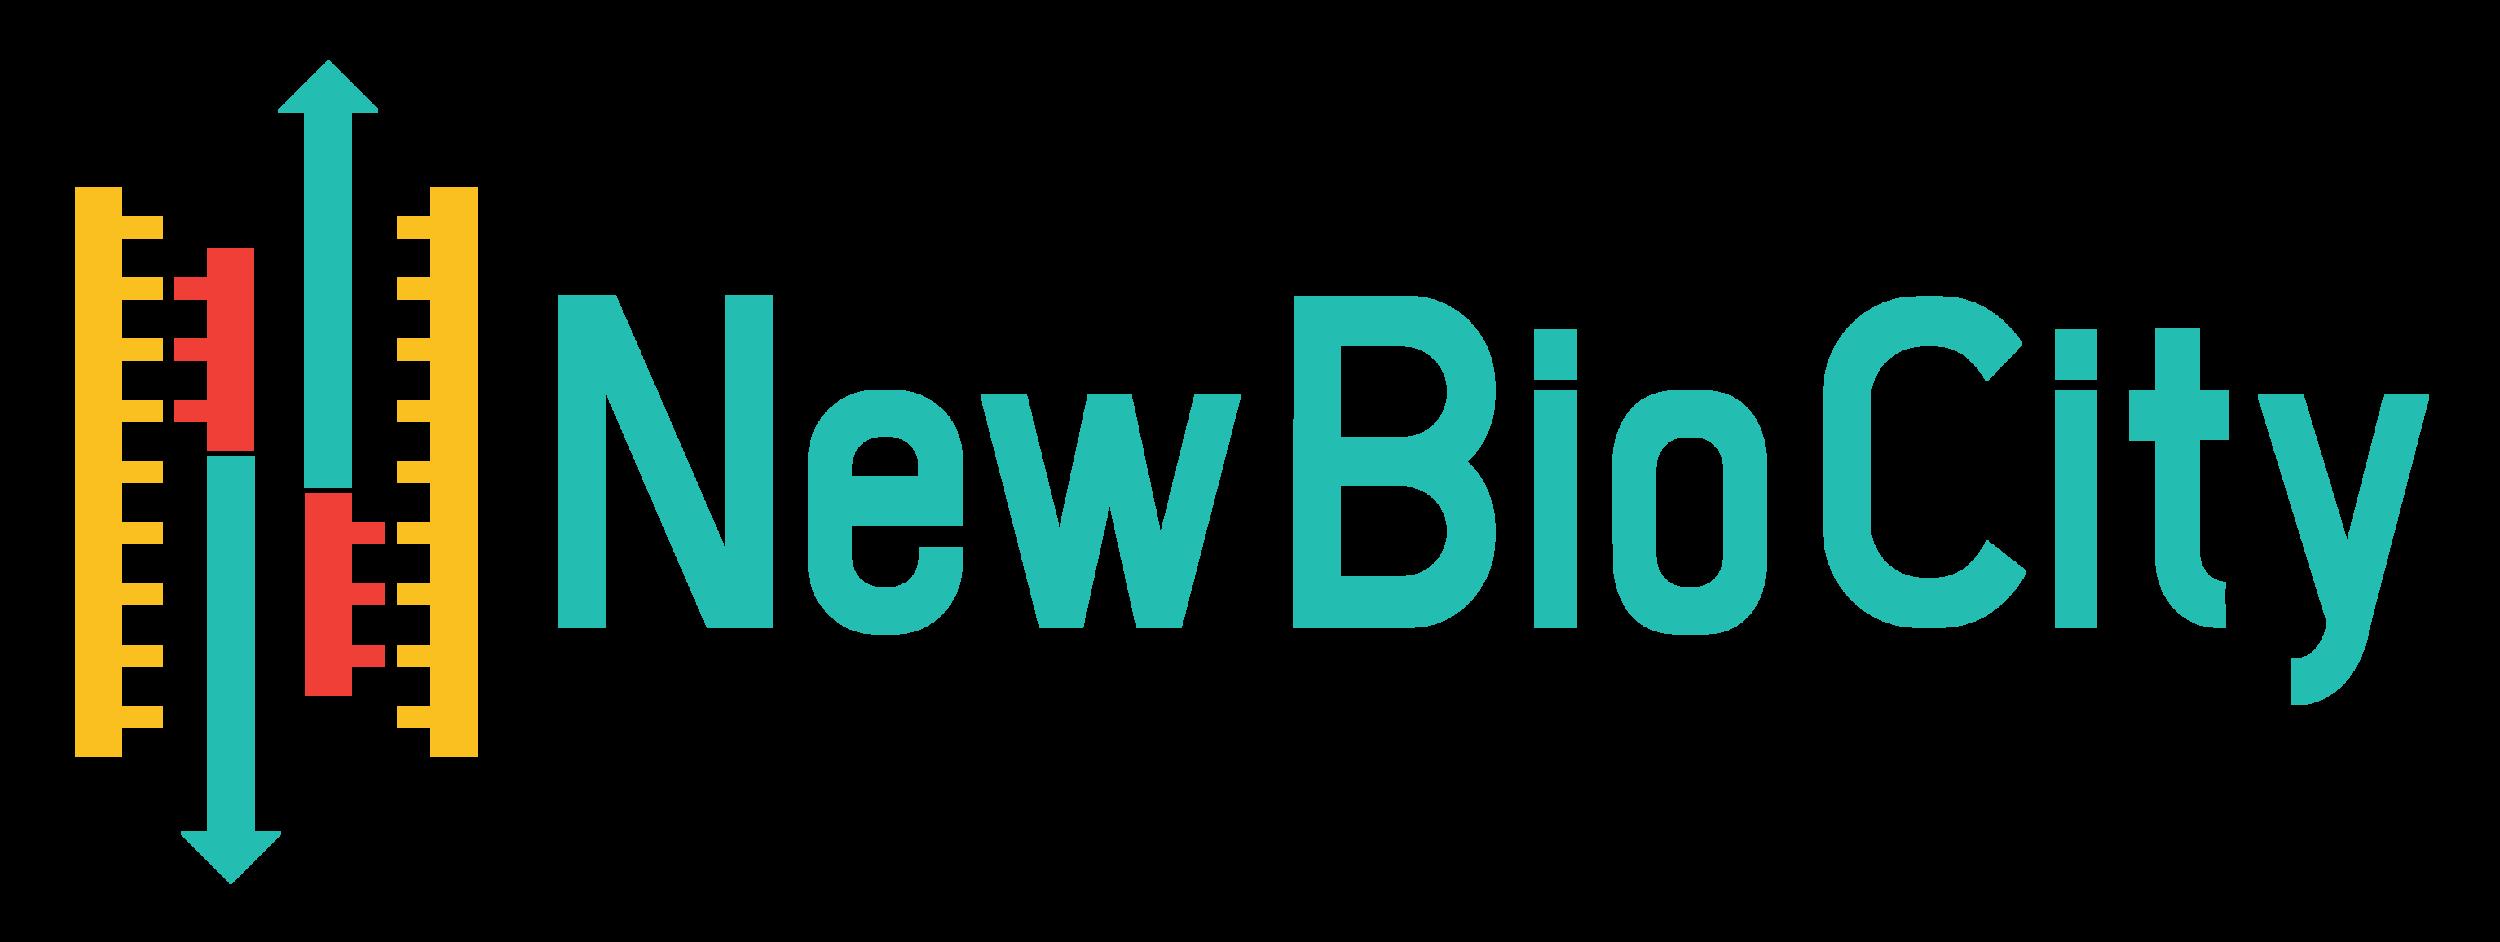 NewBioCity_logo transparent.png